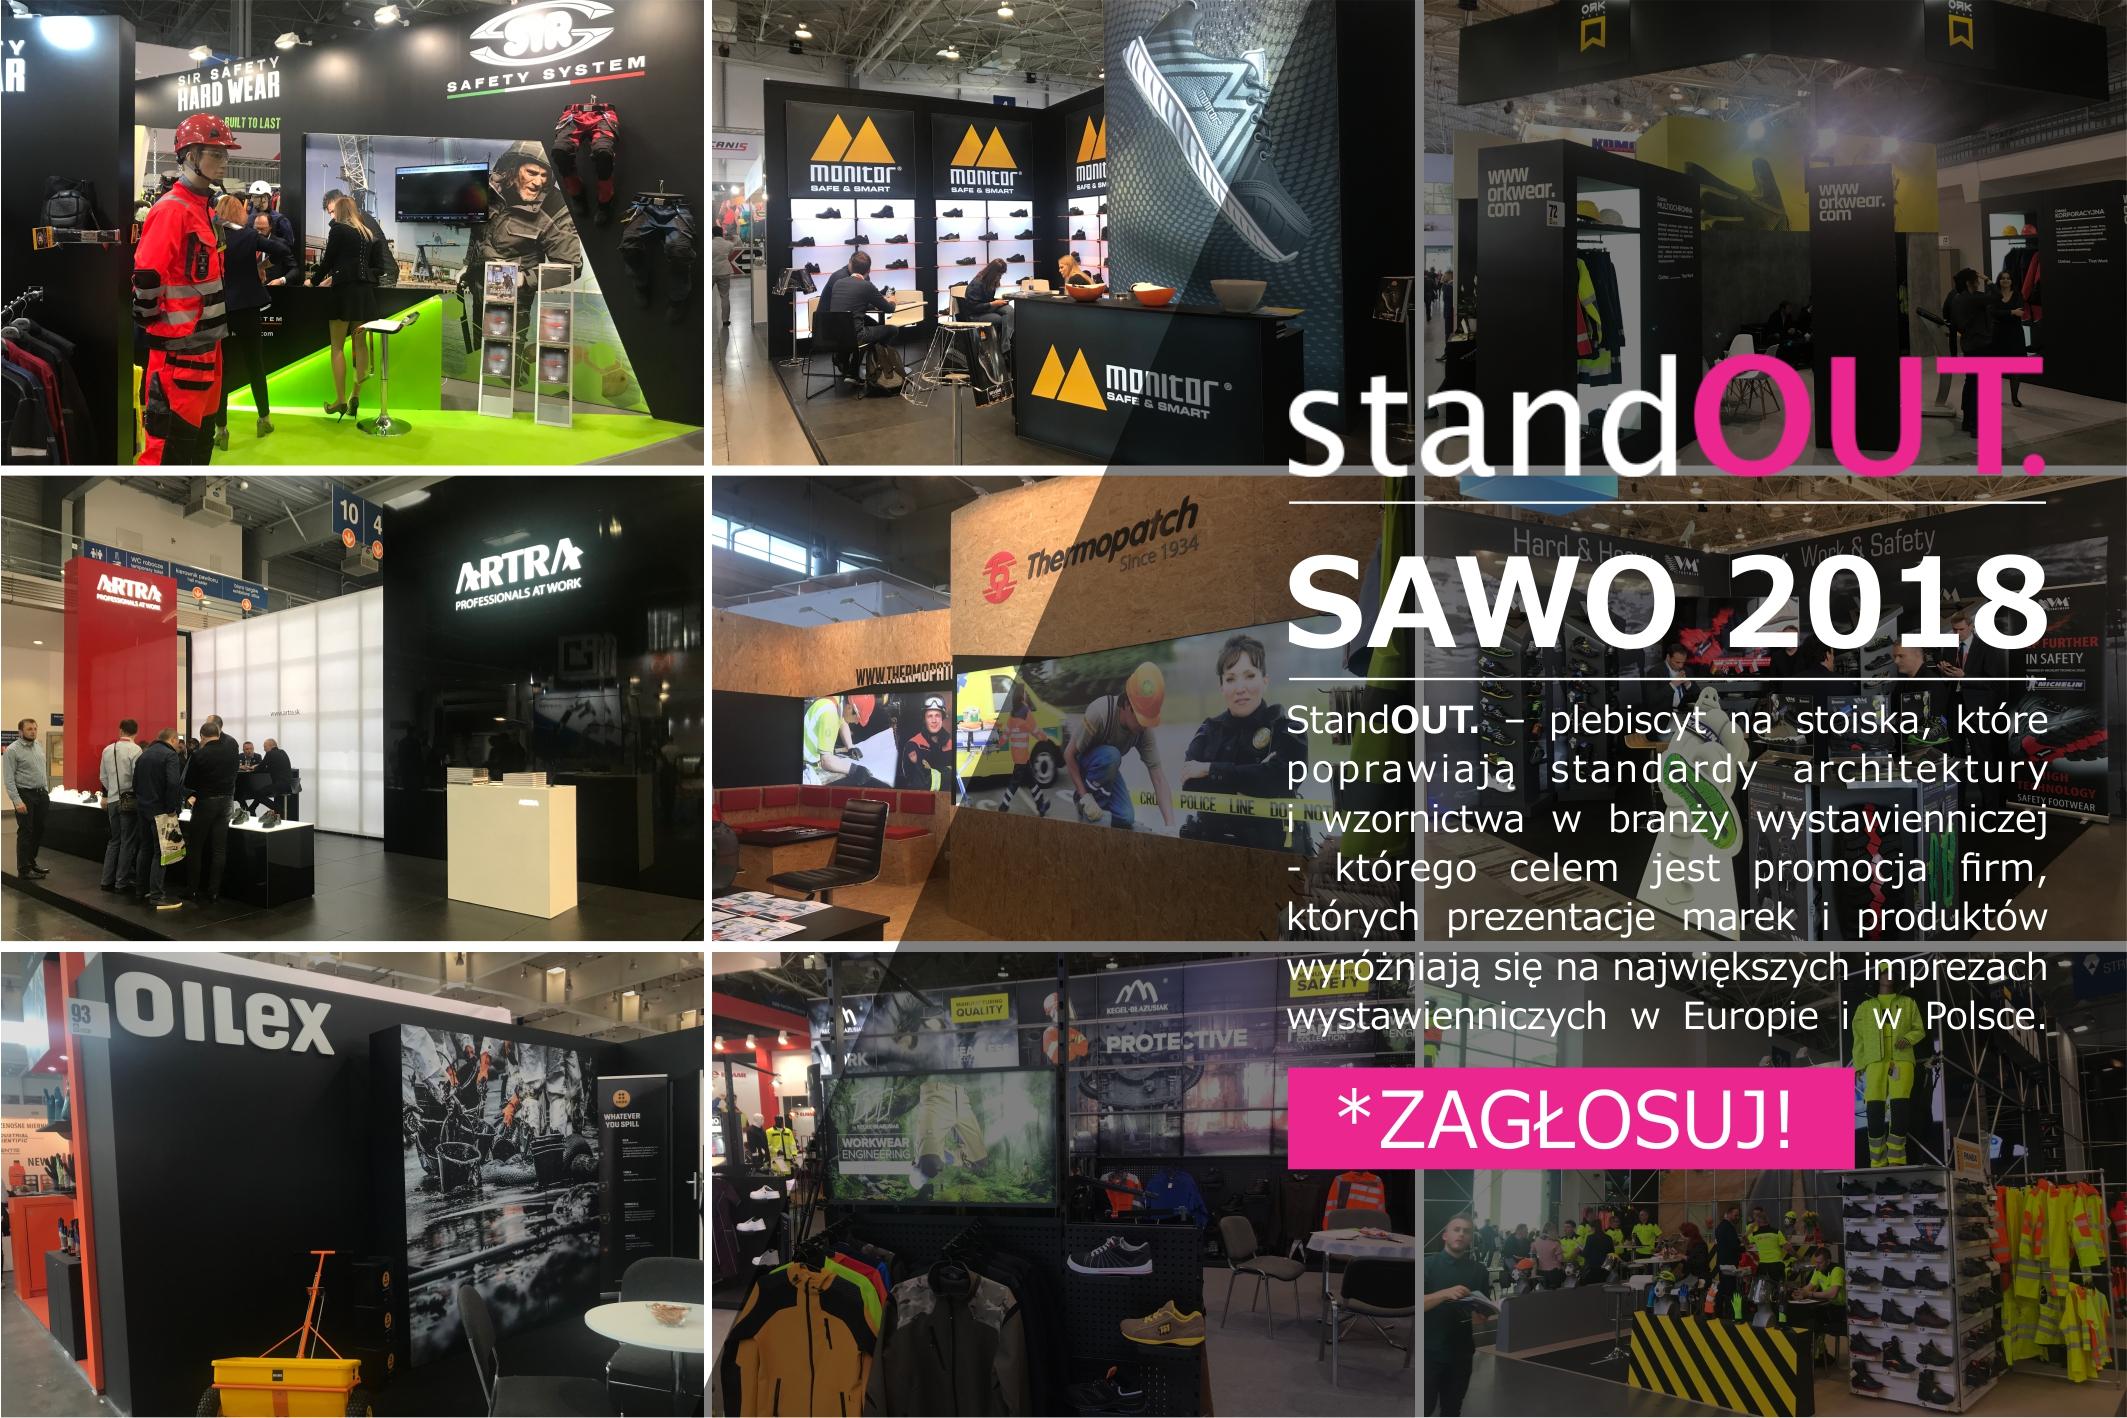 zagłosuj Sawo